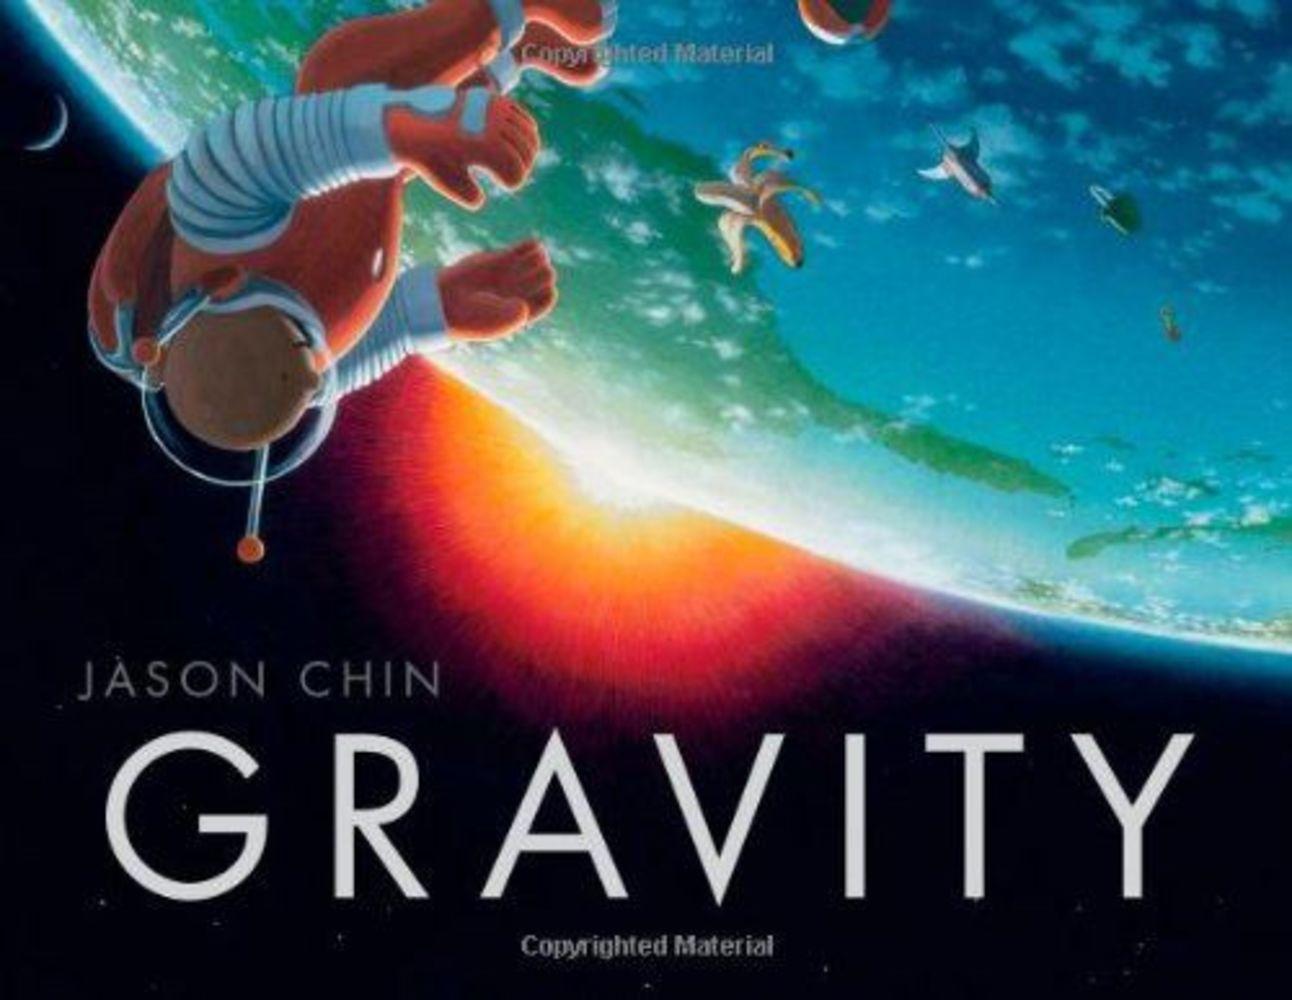 gravity-jason-chin